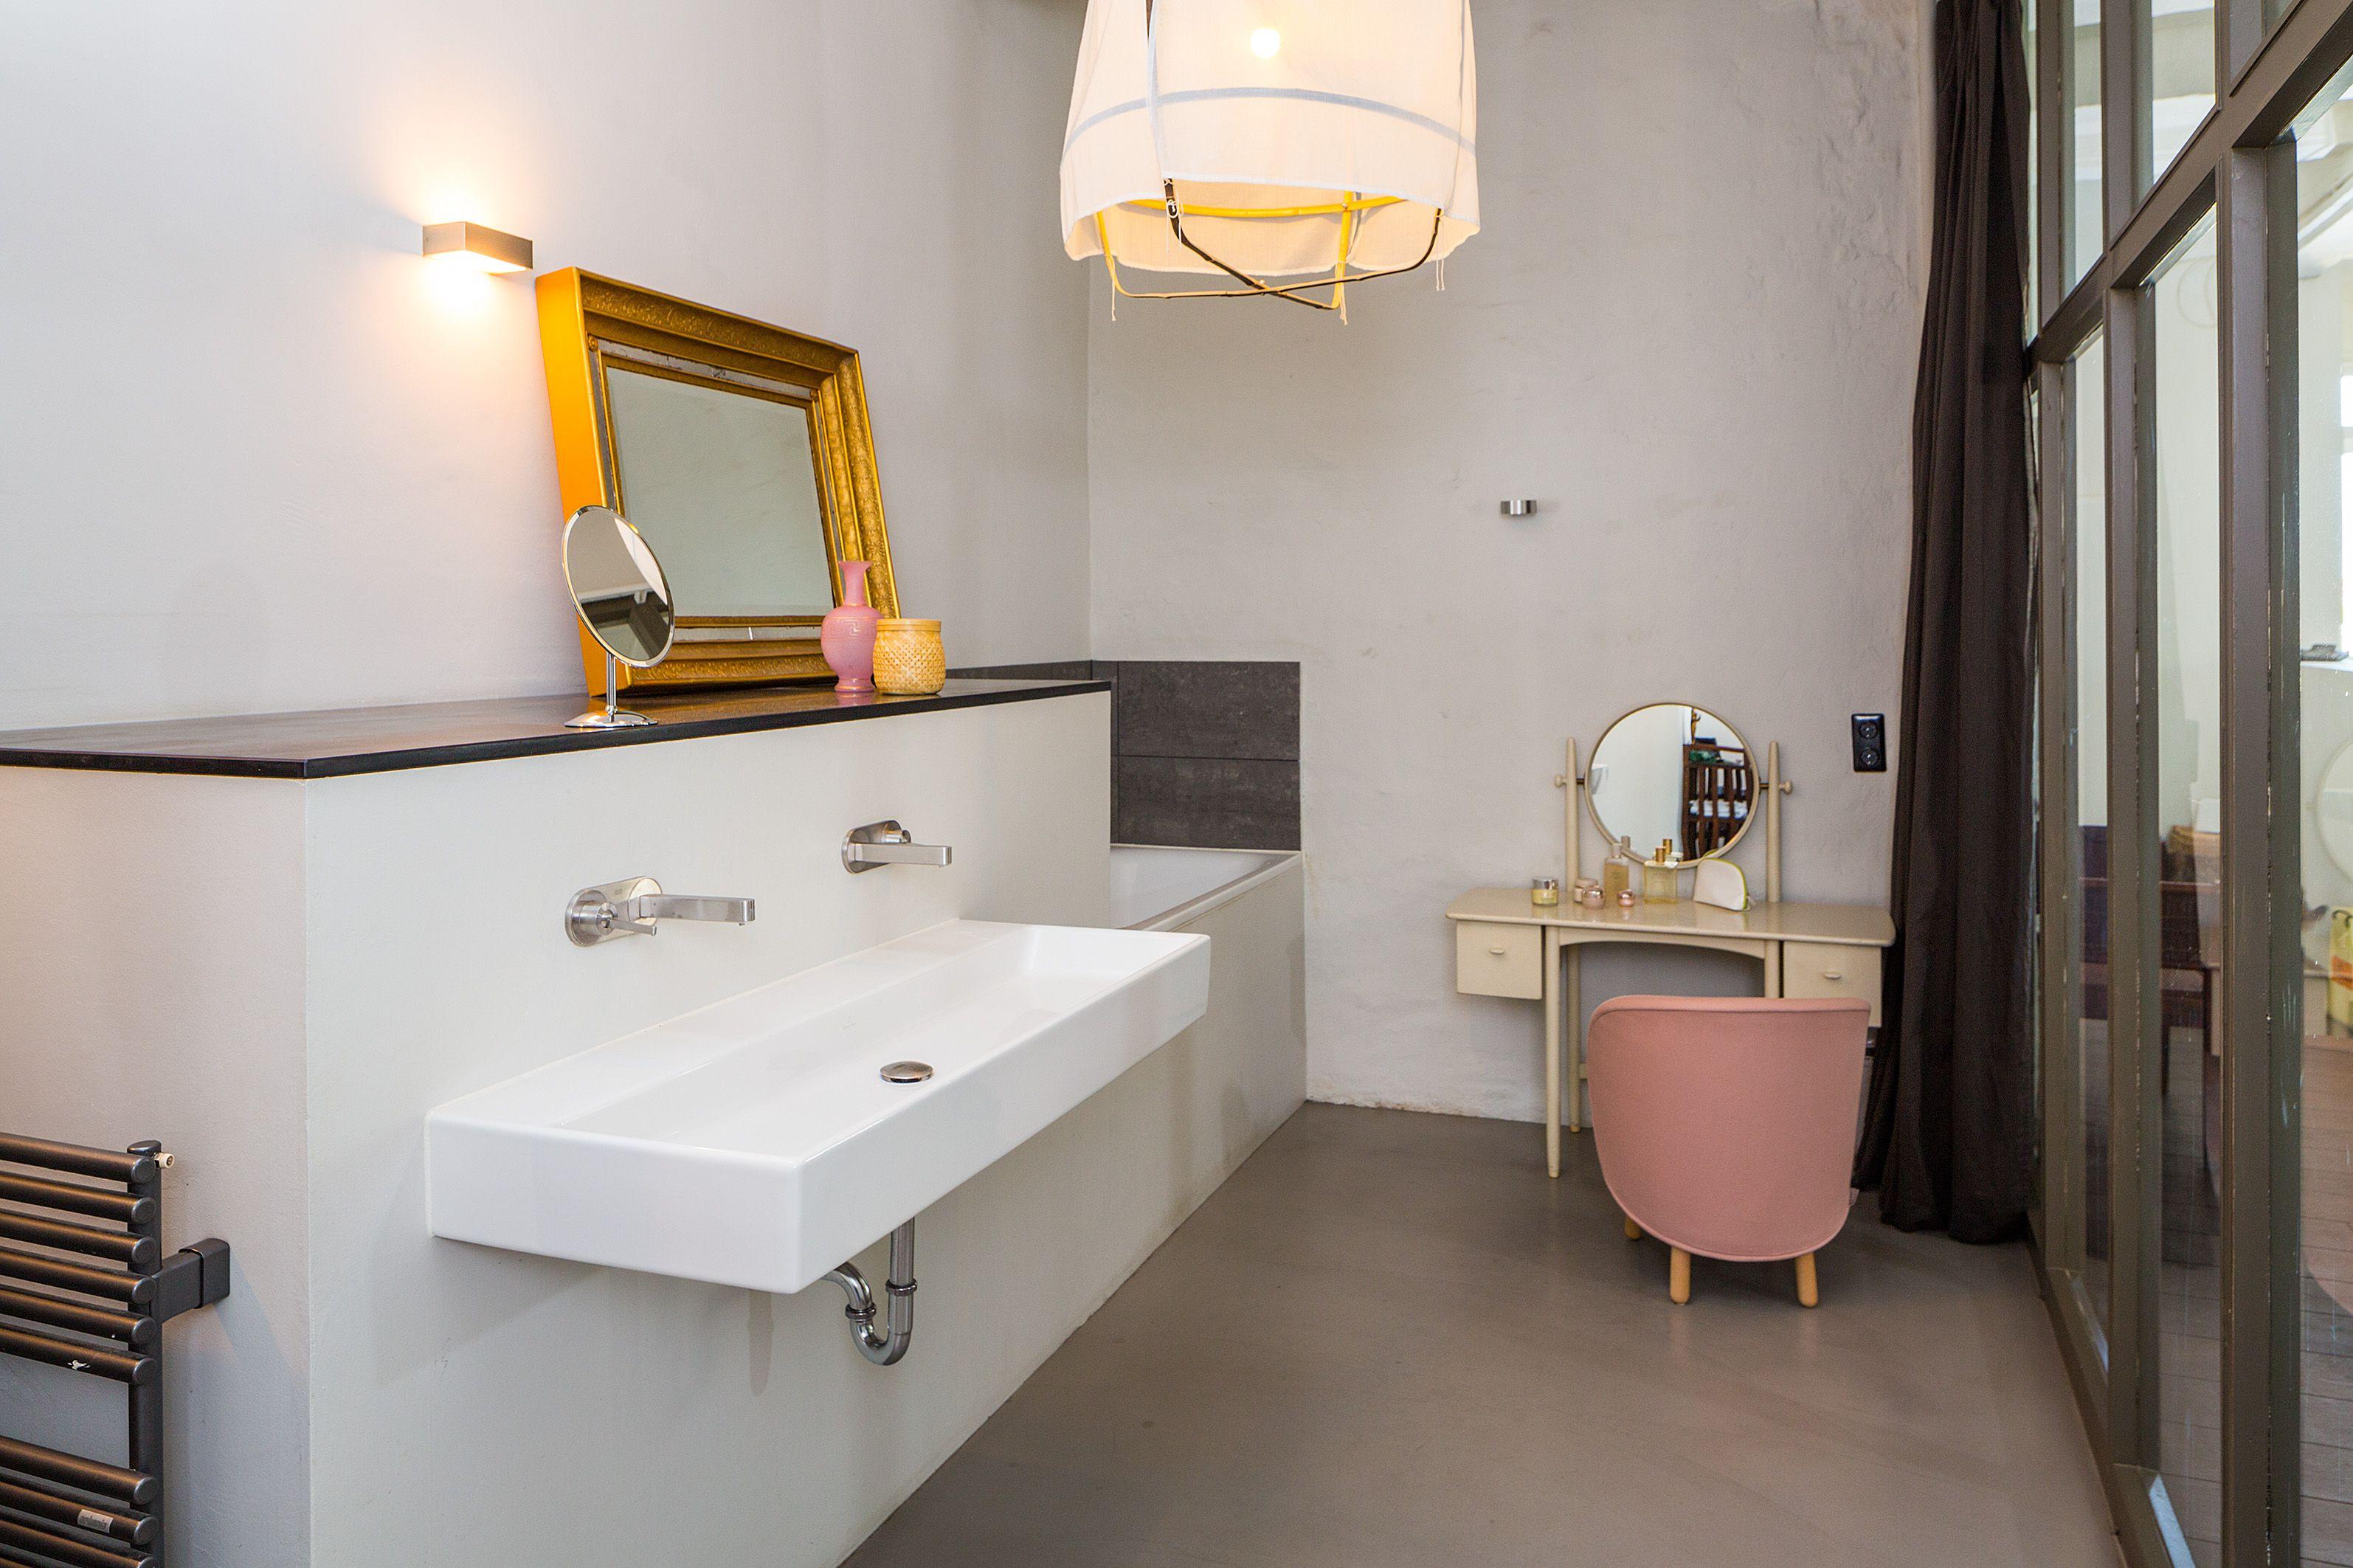 Badezimmer im Loft | Glas Wand zum Wohnraum | Vorhang zum schließen der Fensterfront